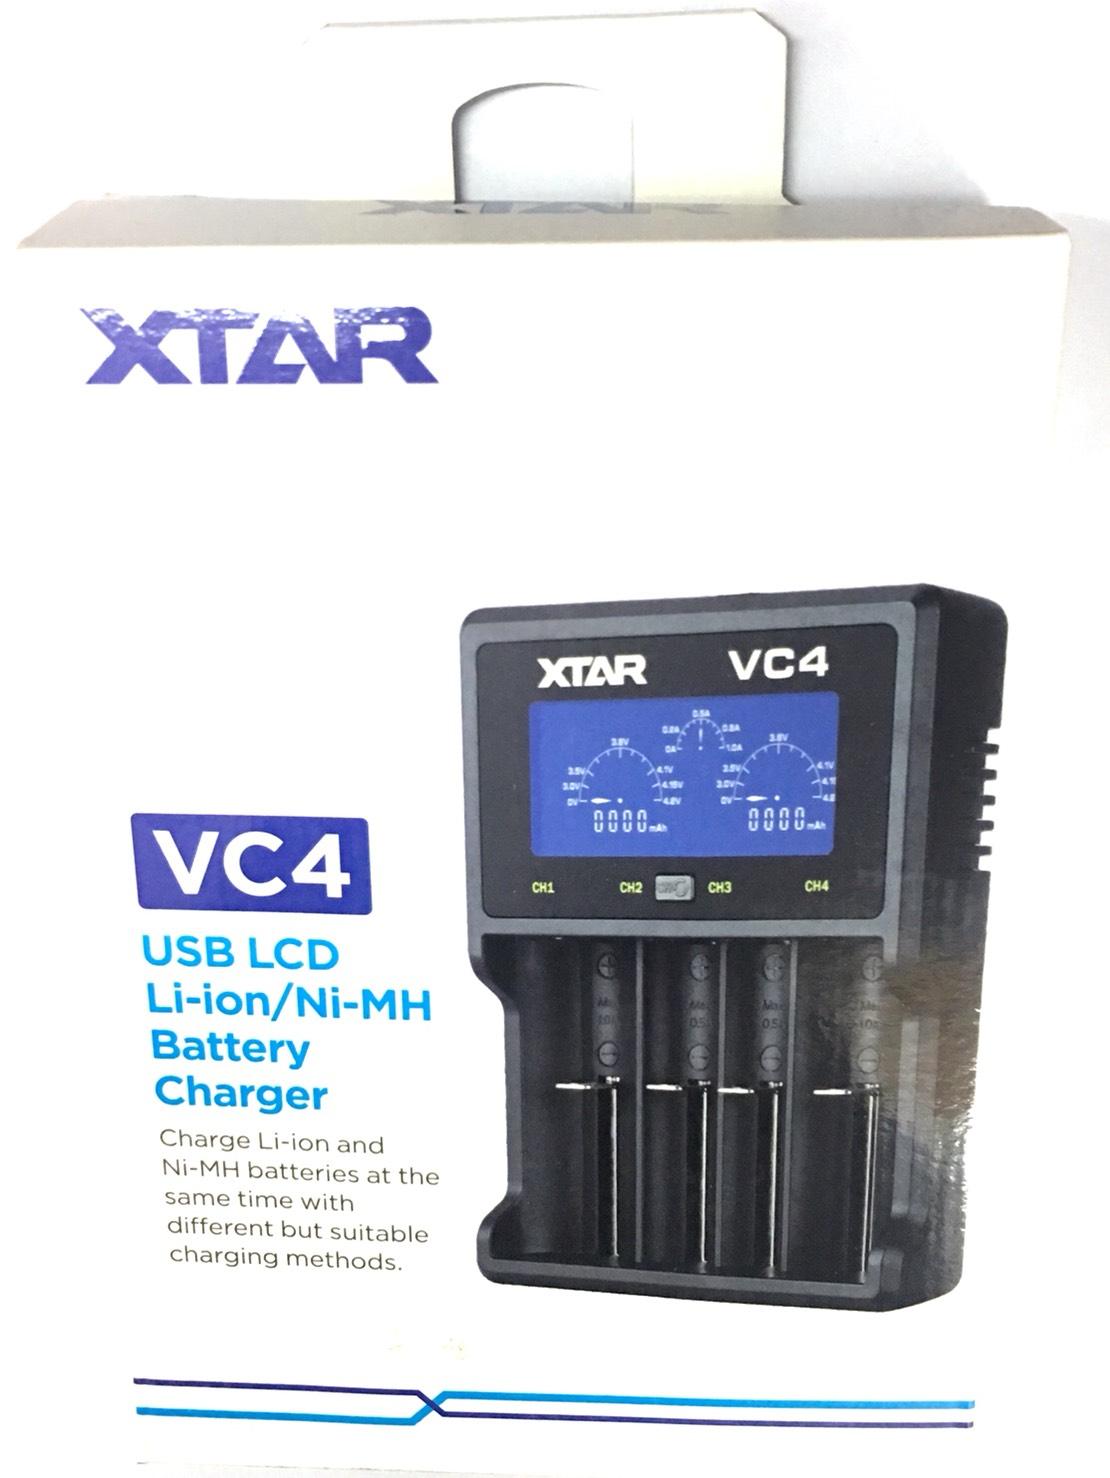 เครื่องชาร์จ XTAR VC4 USB NiMH / Li-ion BATTERY LCD Charger